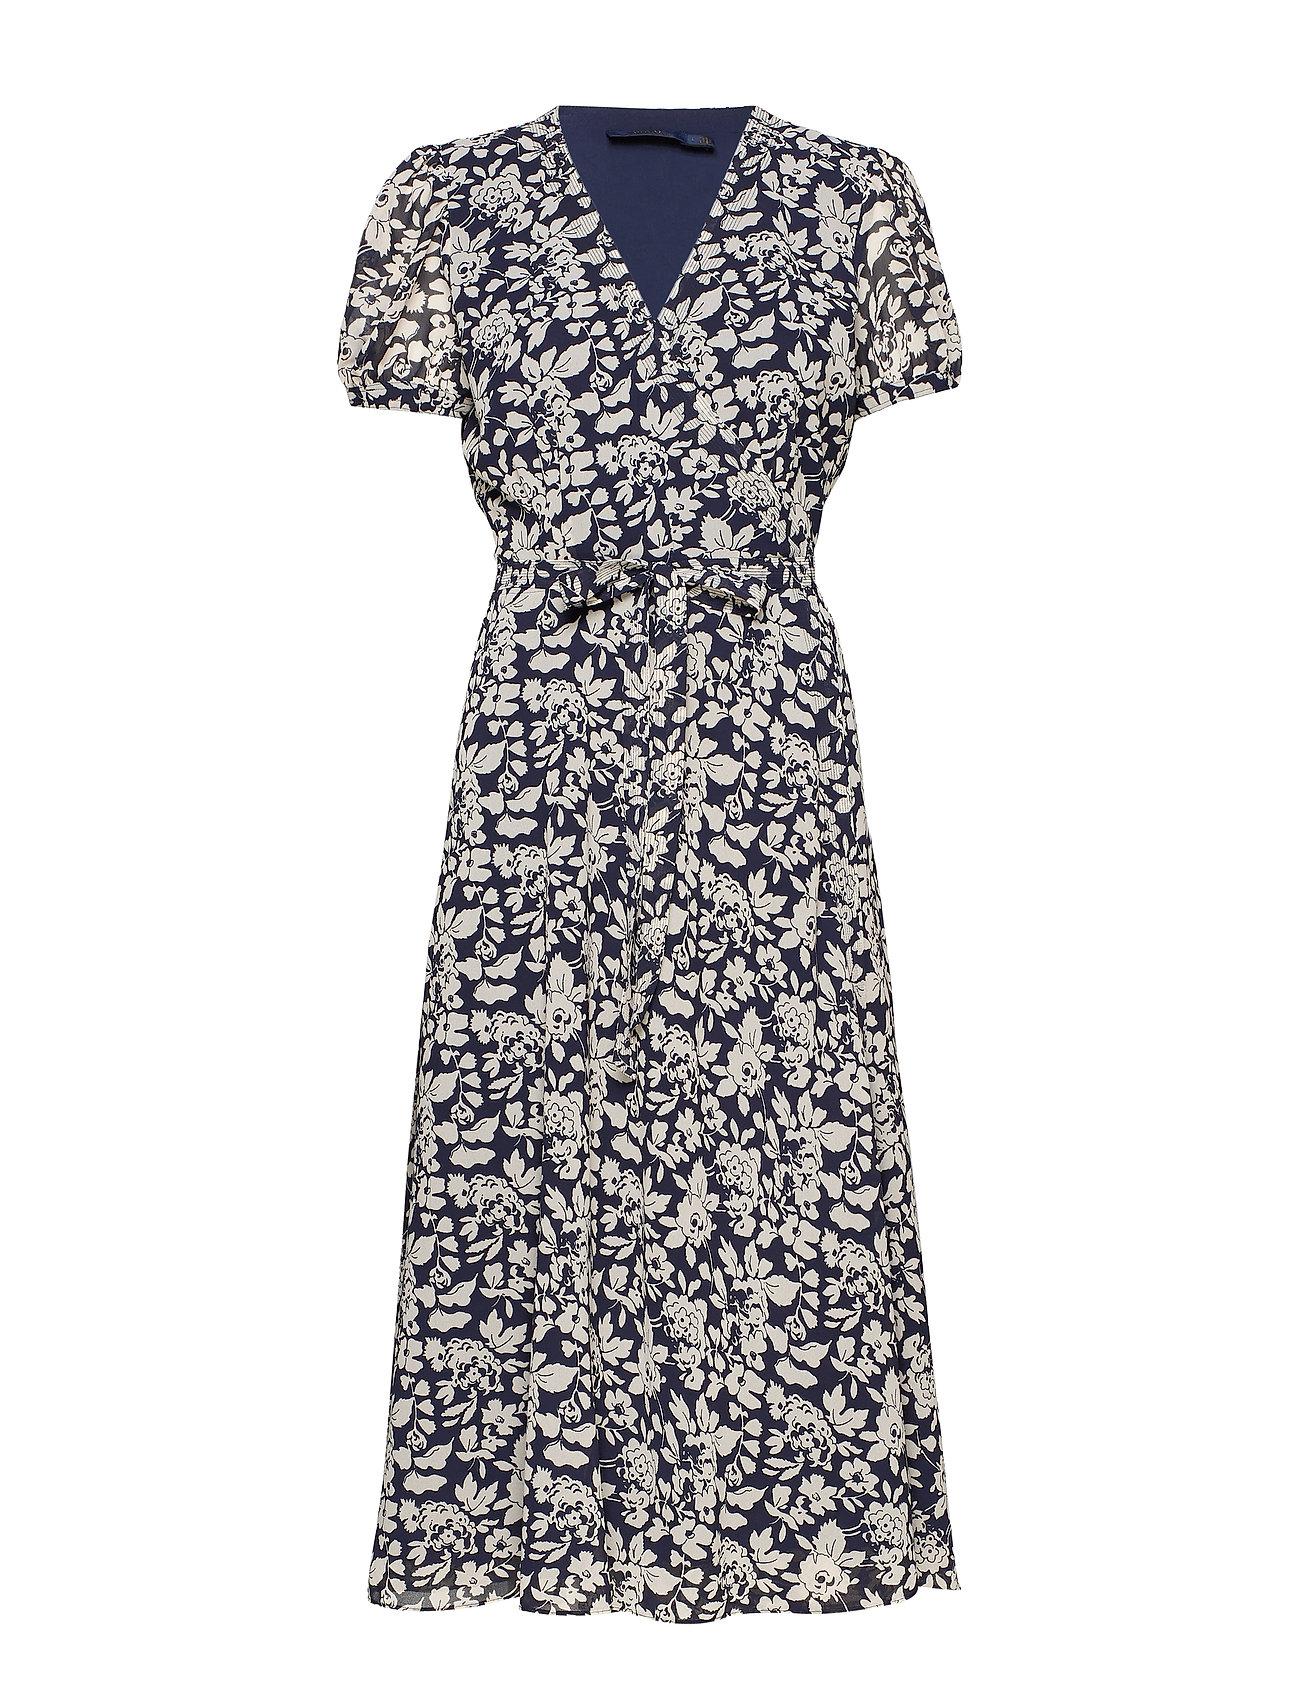 Polo Ralph Lauren Floral Crepe Wrap Dress - NAVY FLORAL